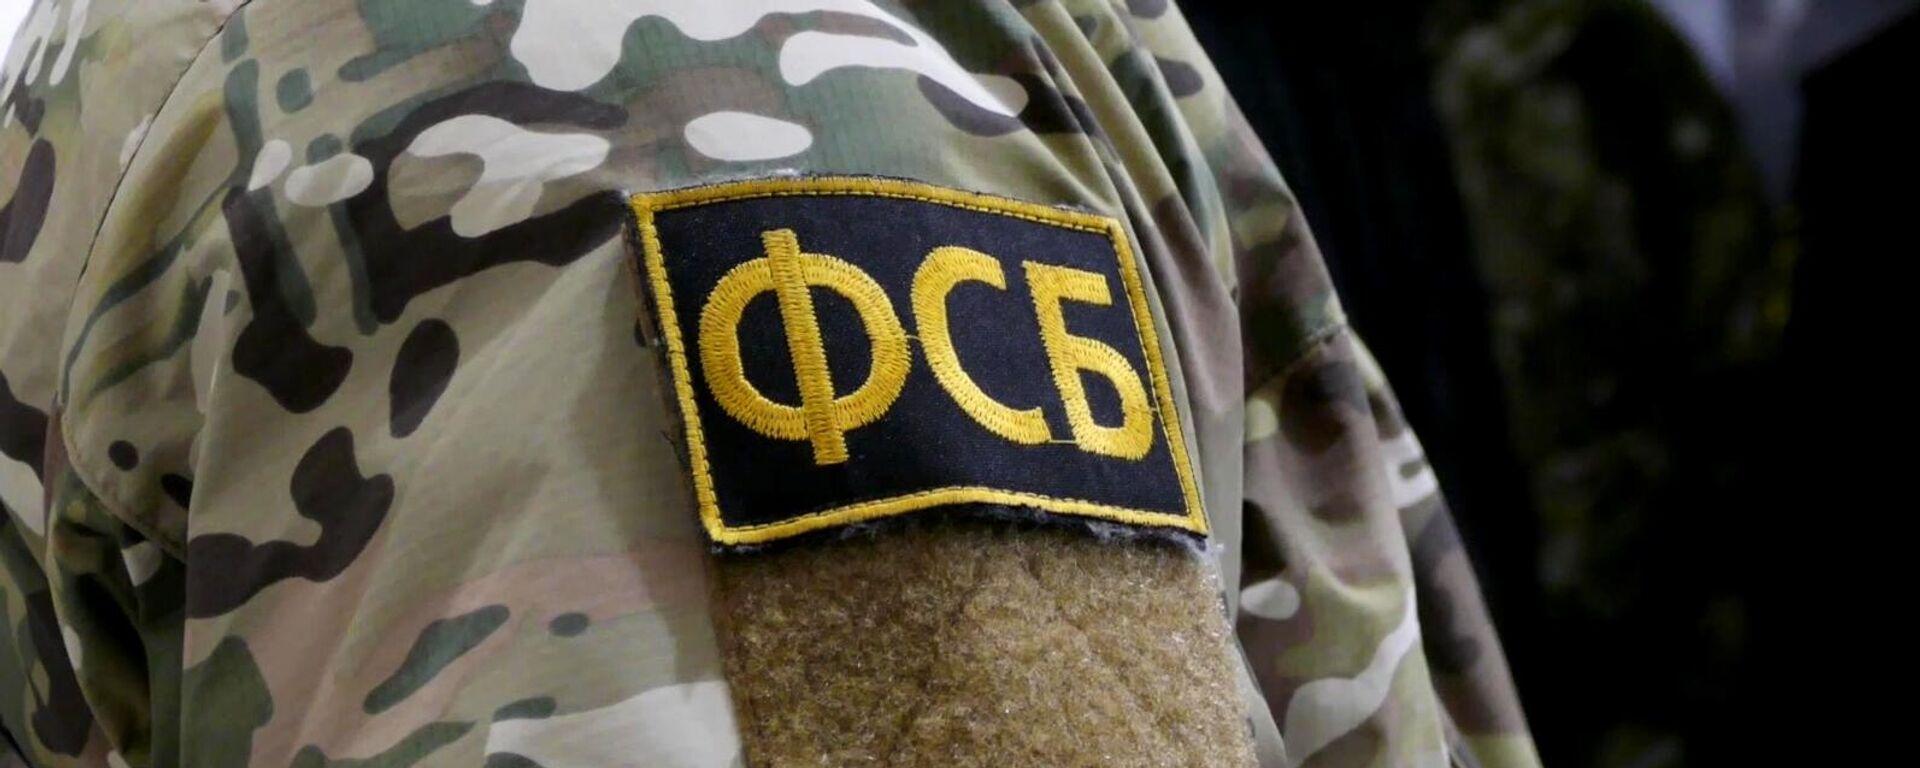 ФСБ РФ пресекла деятельность группы граждан по финансированию террористов - Sputnik Узбекистан, 1920, 06.09.2021